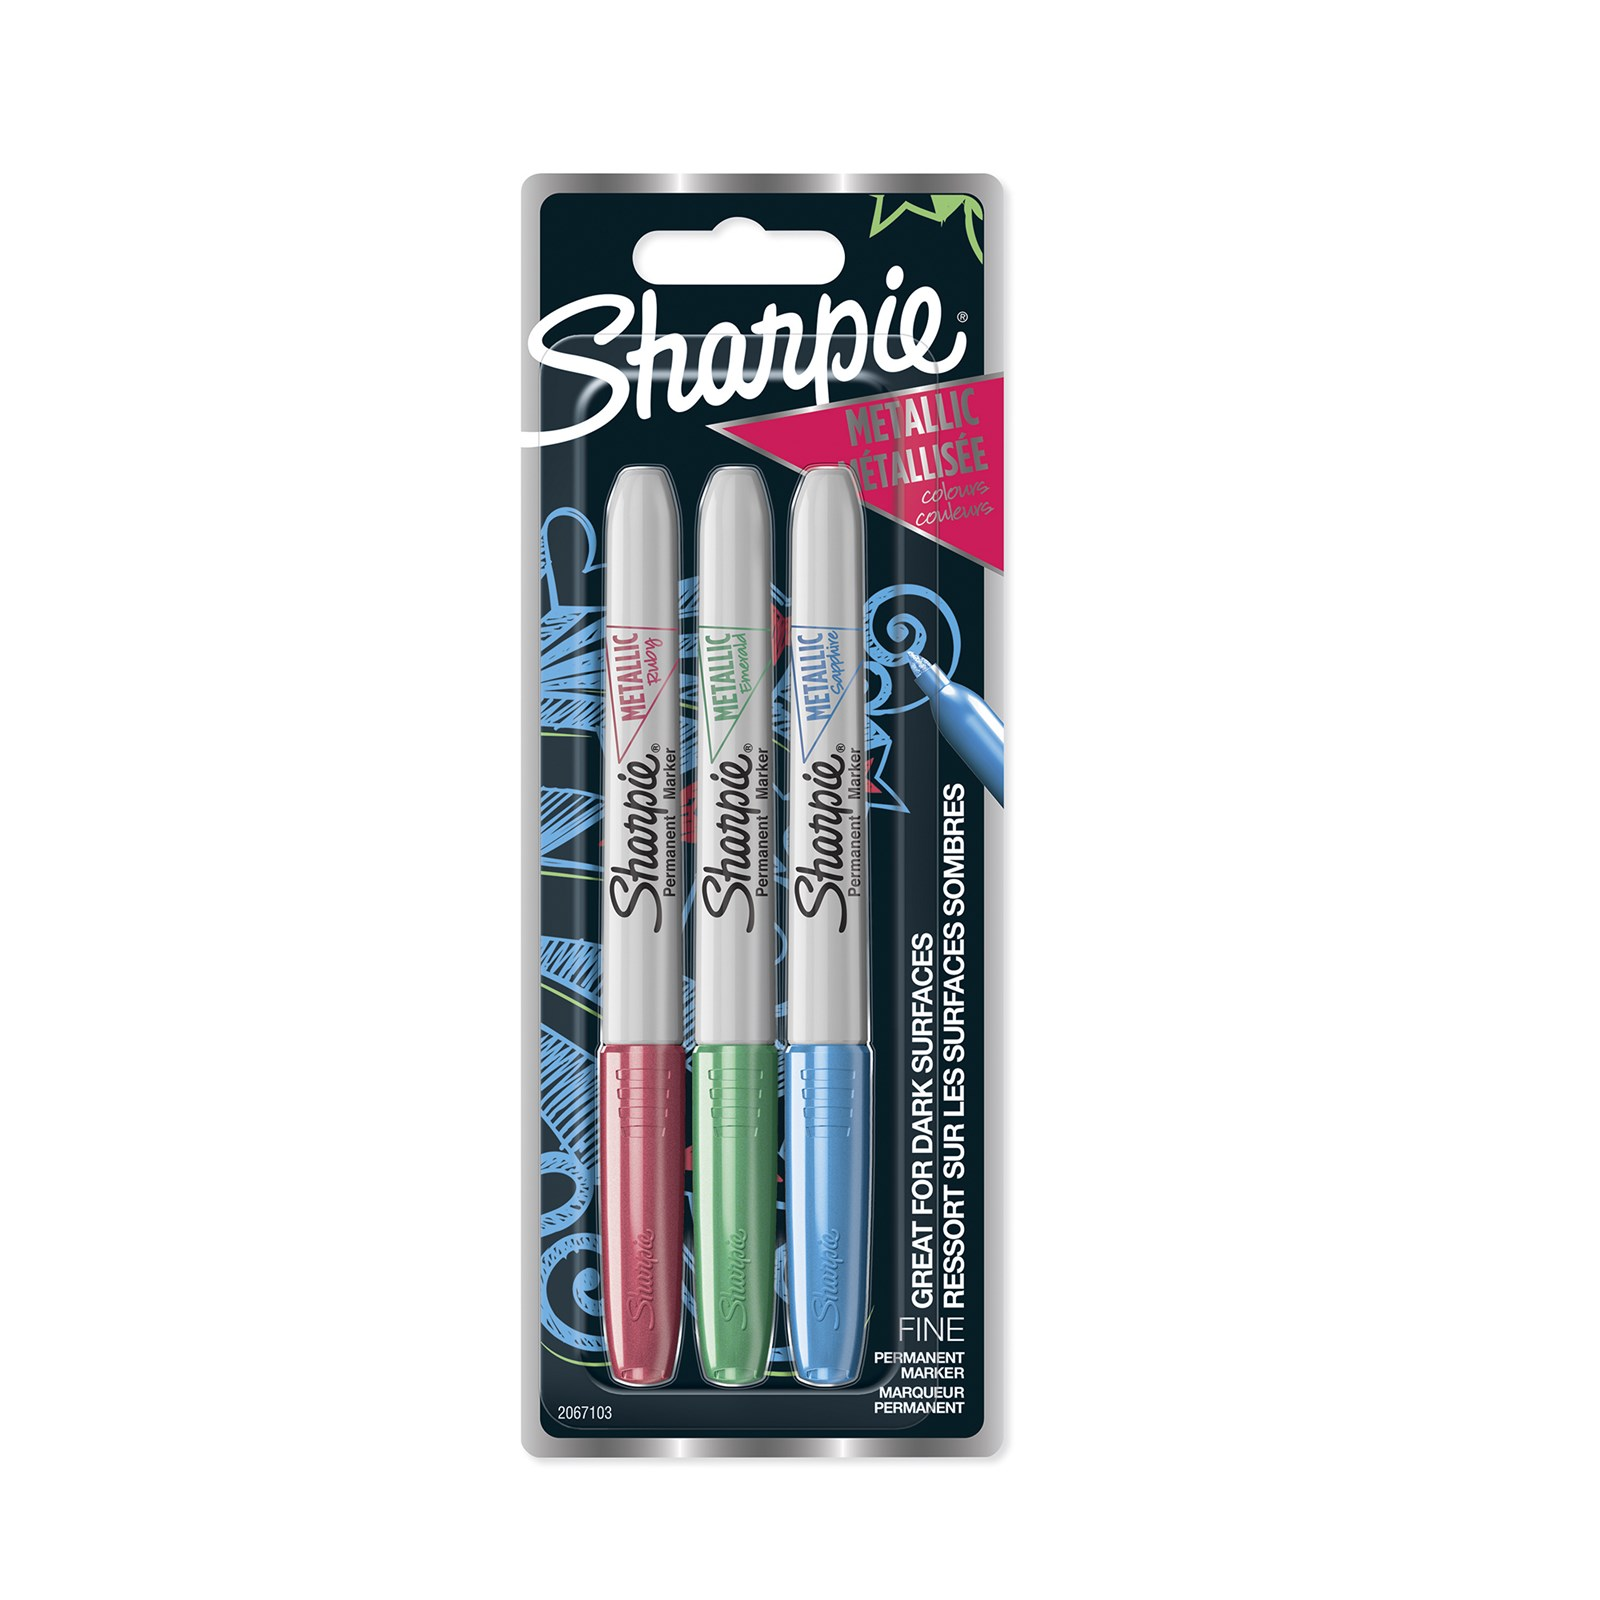 Sharpie® Metallic Permanent Markers